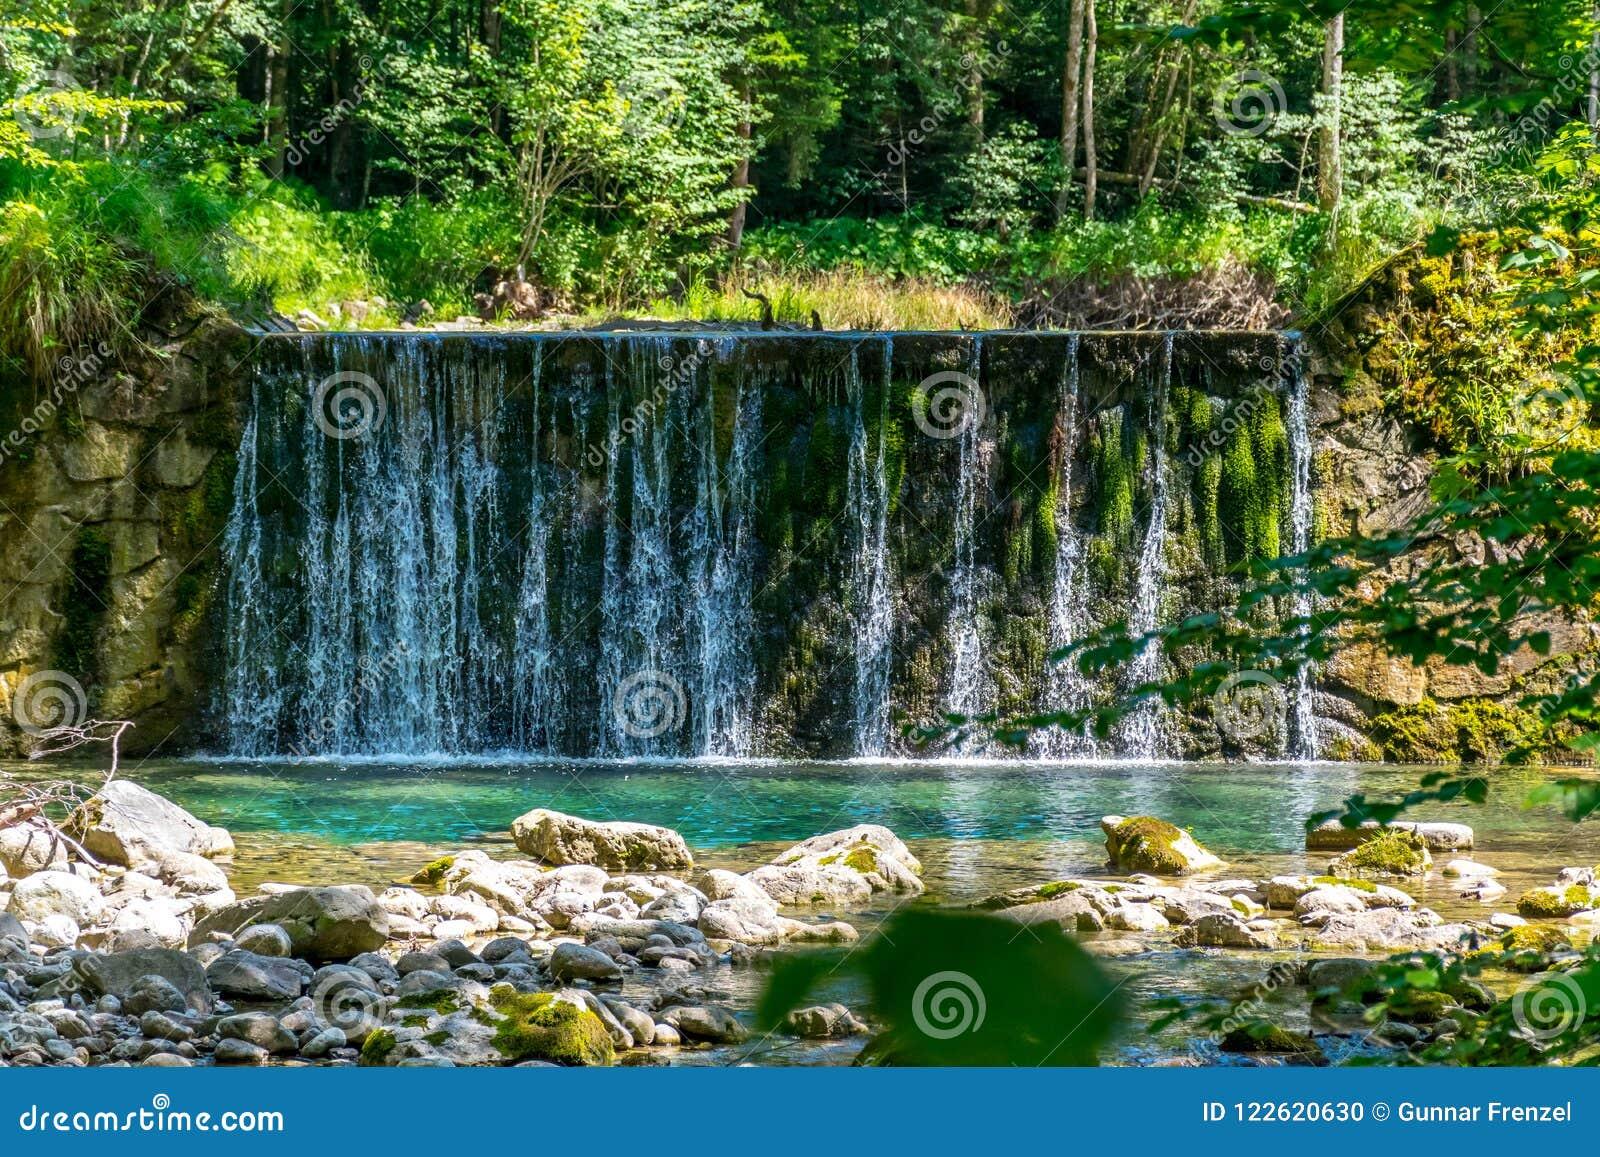 Petite cascade verticale dans la forêt pendant le soleil